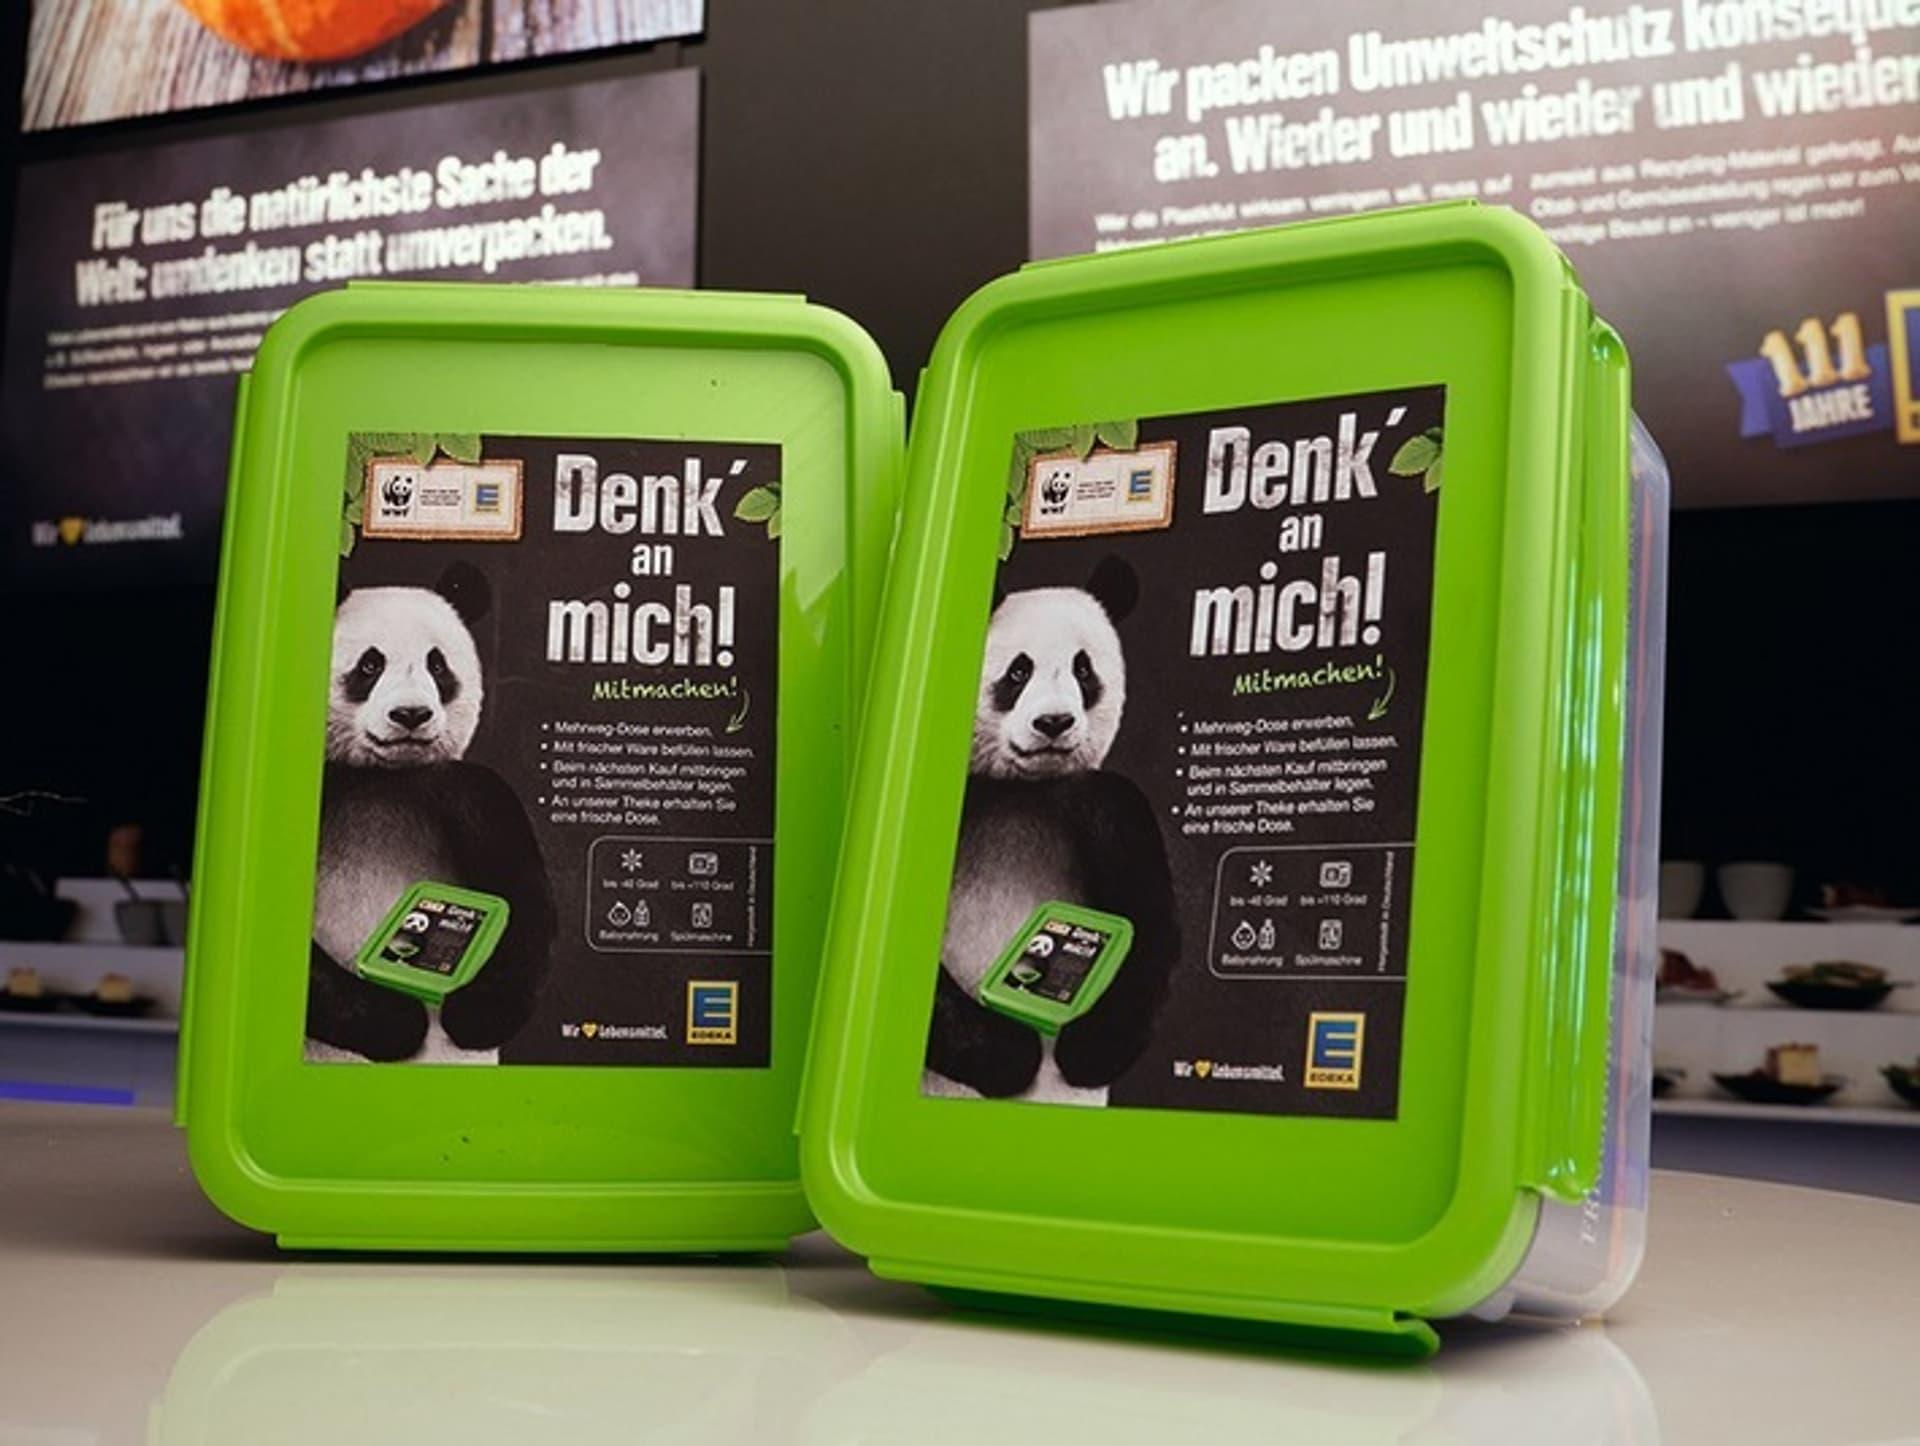 Edeka frischetheken mehrwegdose spart verpackungen ein c edeka